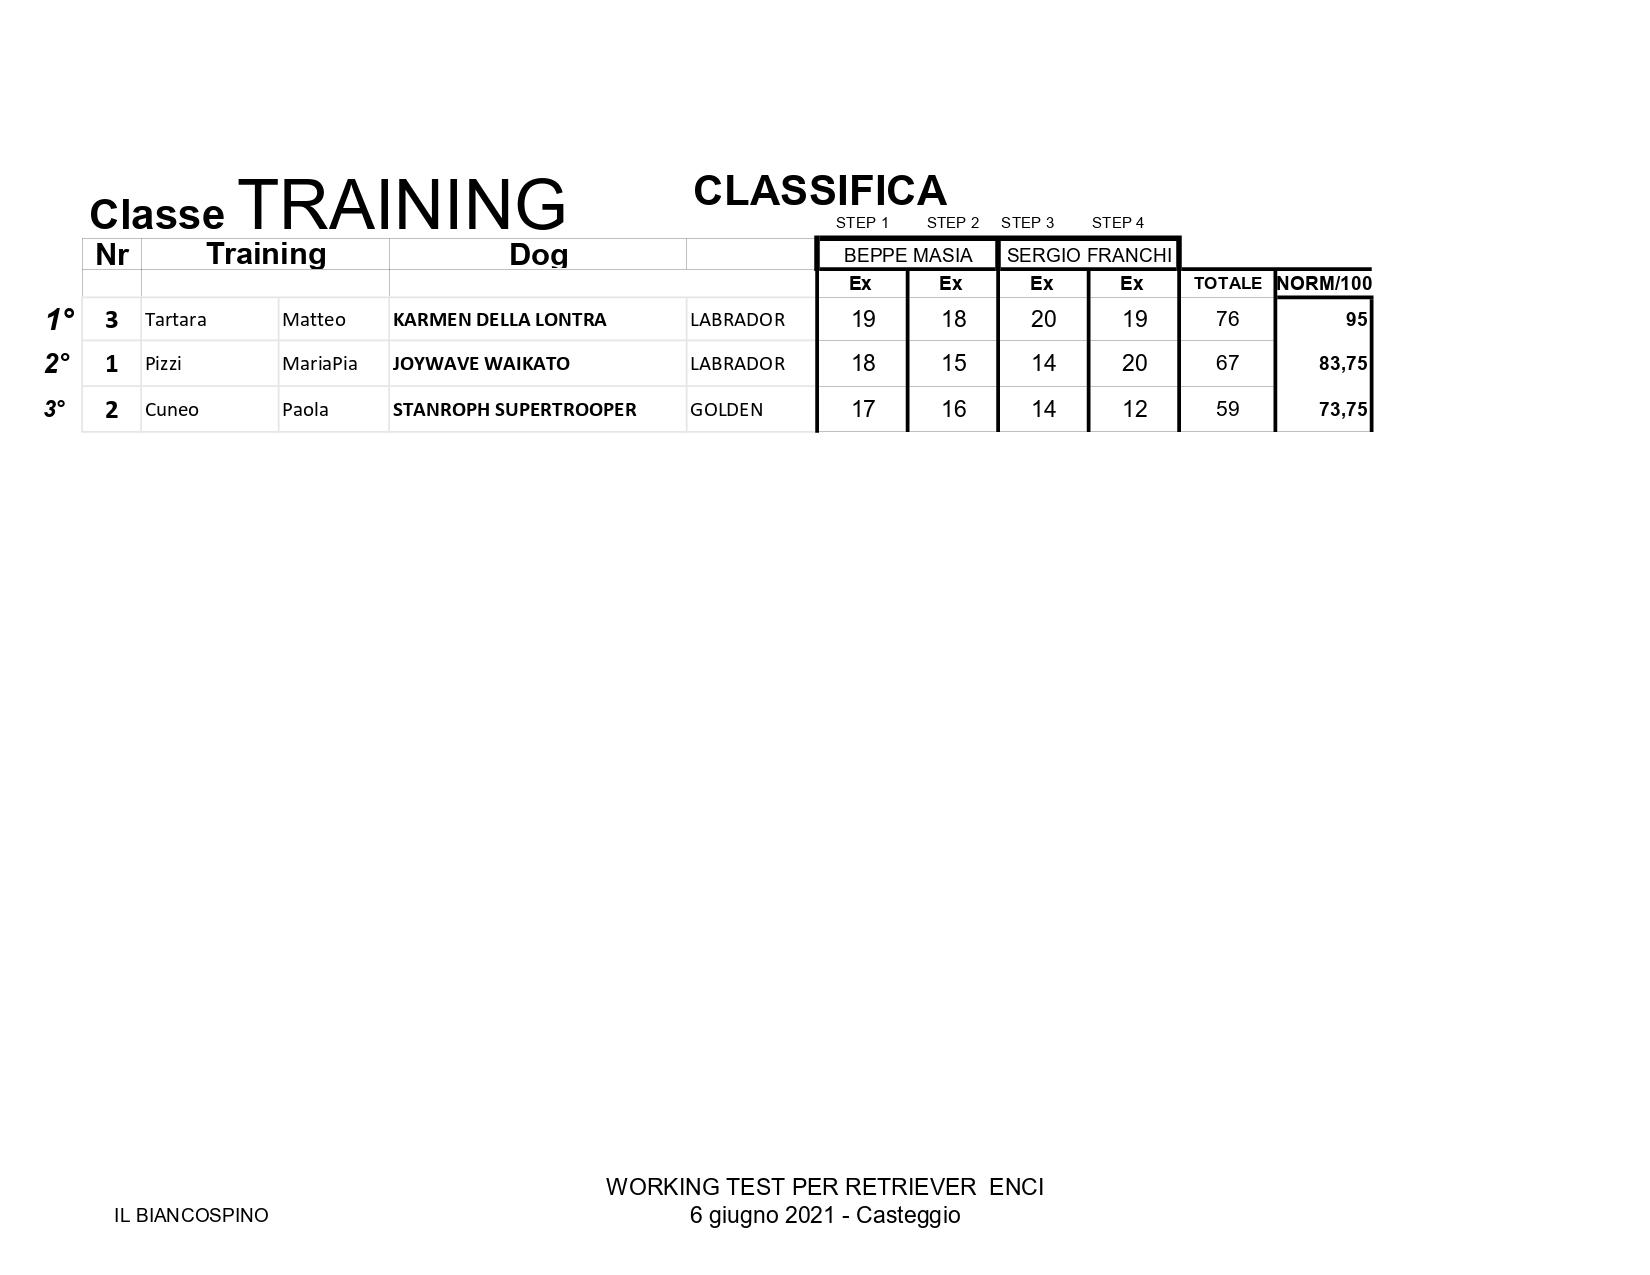 Classifica WT PER RETRIEVER 6.6.21 TRAINING page 0001